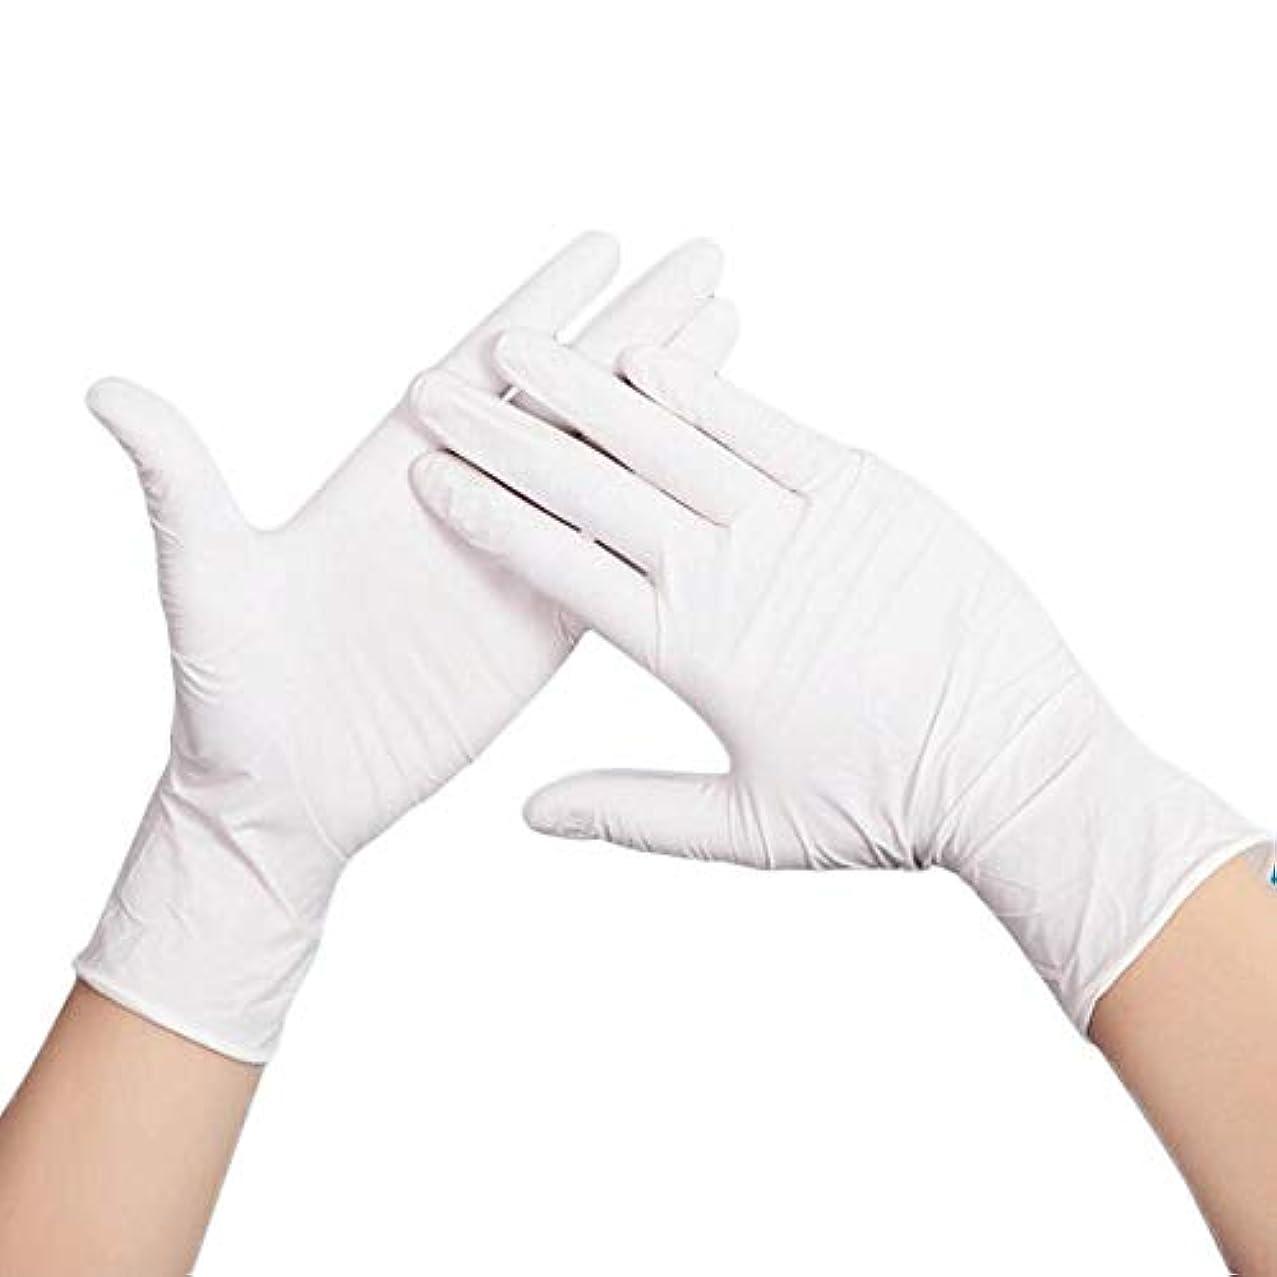 カッターフォーマット国歌乳白色の11インチの使い捨て可能な粉体検査ゴムラテックス手袋 - 着用が簡単で快適なフィット YANW (色 : A, サイズ さいず : M m)